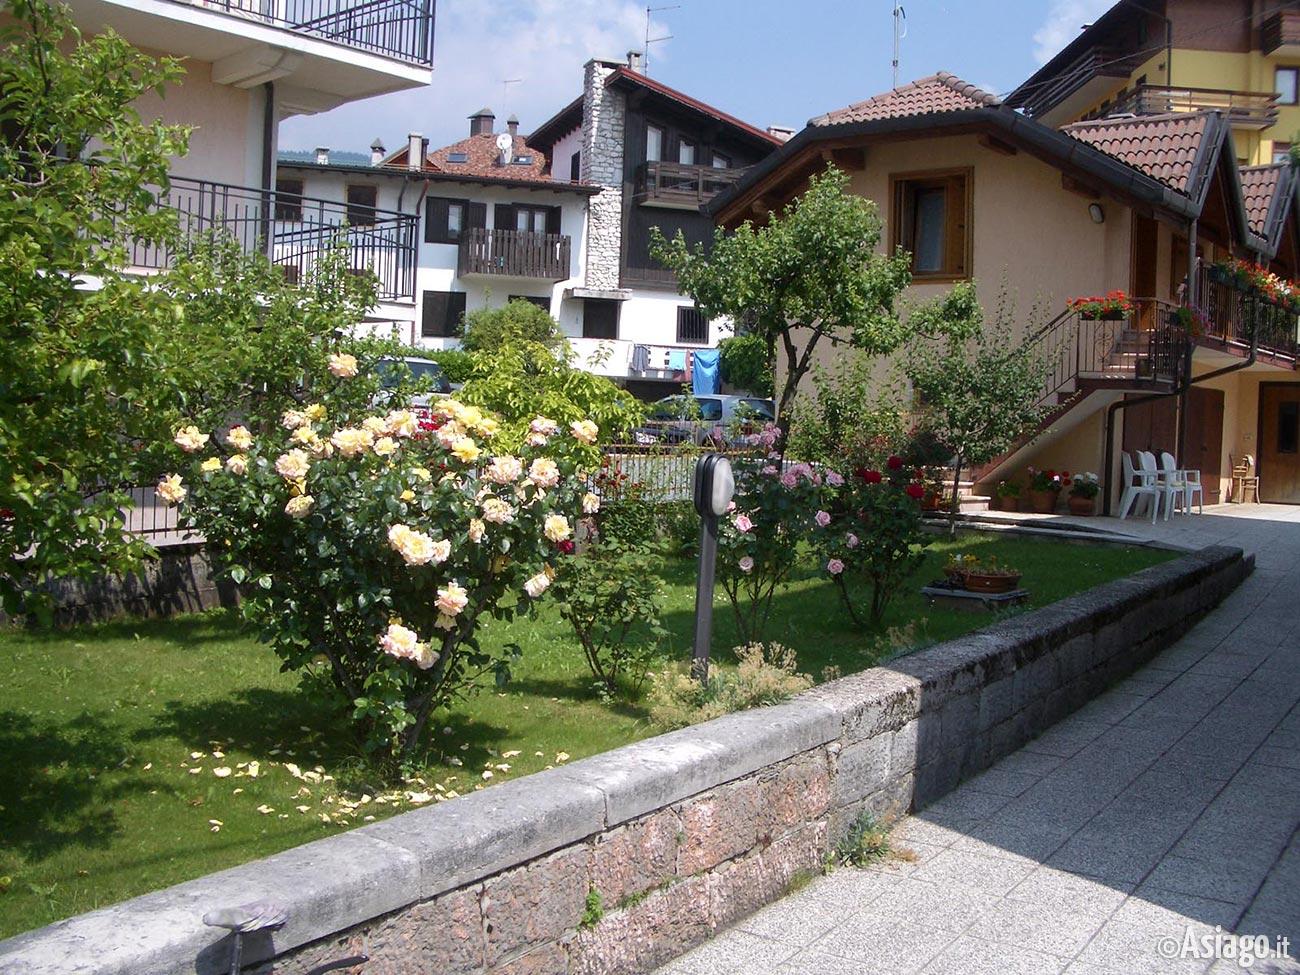 Roana foto b b monte verena altopiano di asiago 7 comuni - B b il giardino trento ...